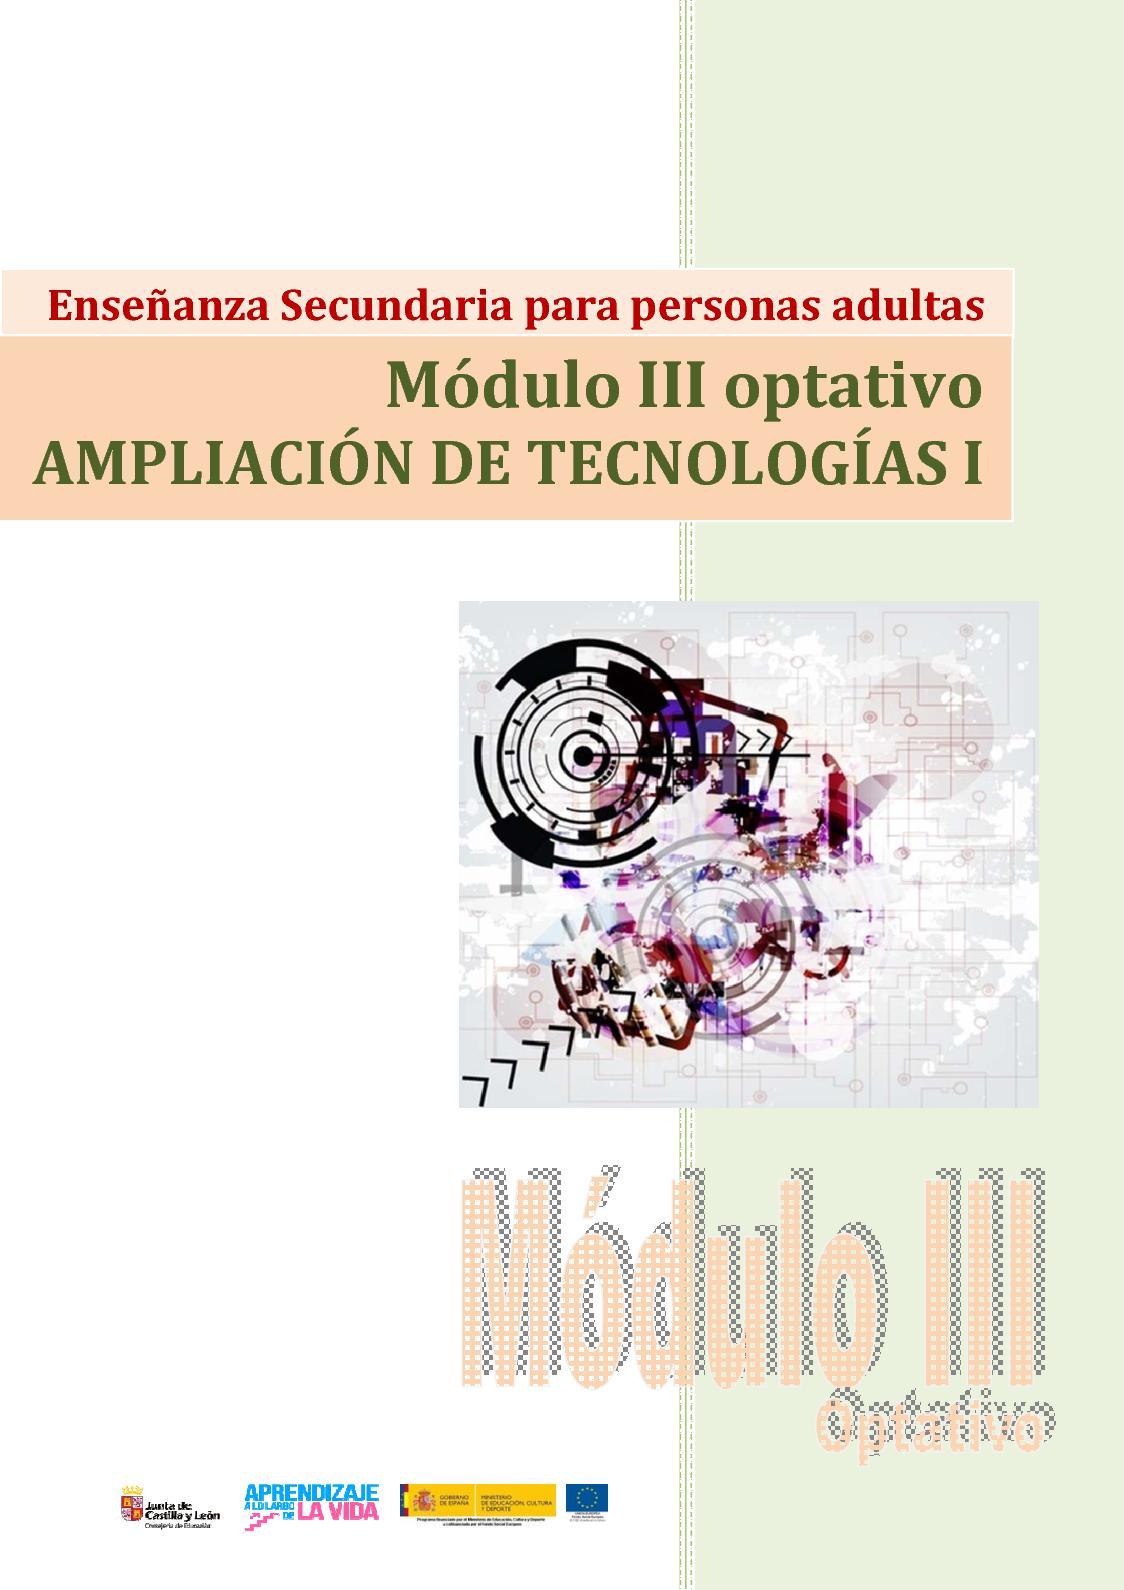 4x Interruptor De Luz Autom/ático Interruptor De Sensor De Sonido Activado Por Voz Para Pasillo